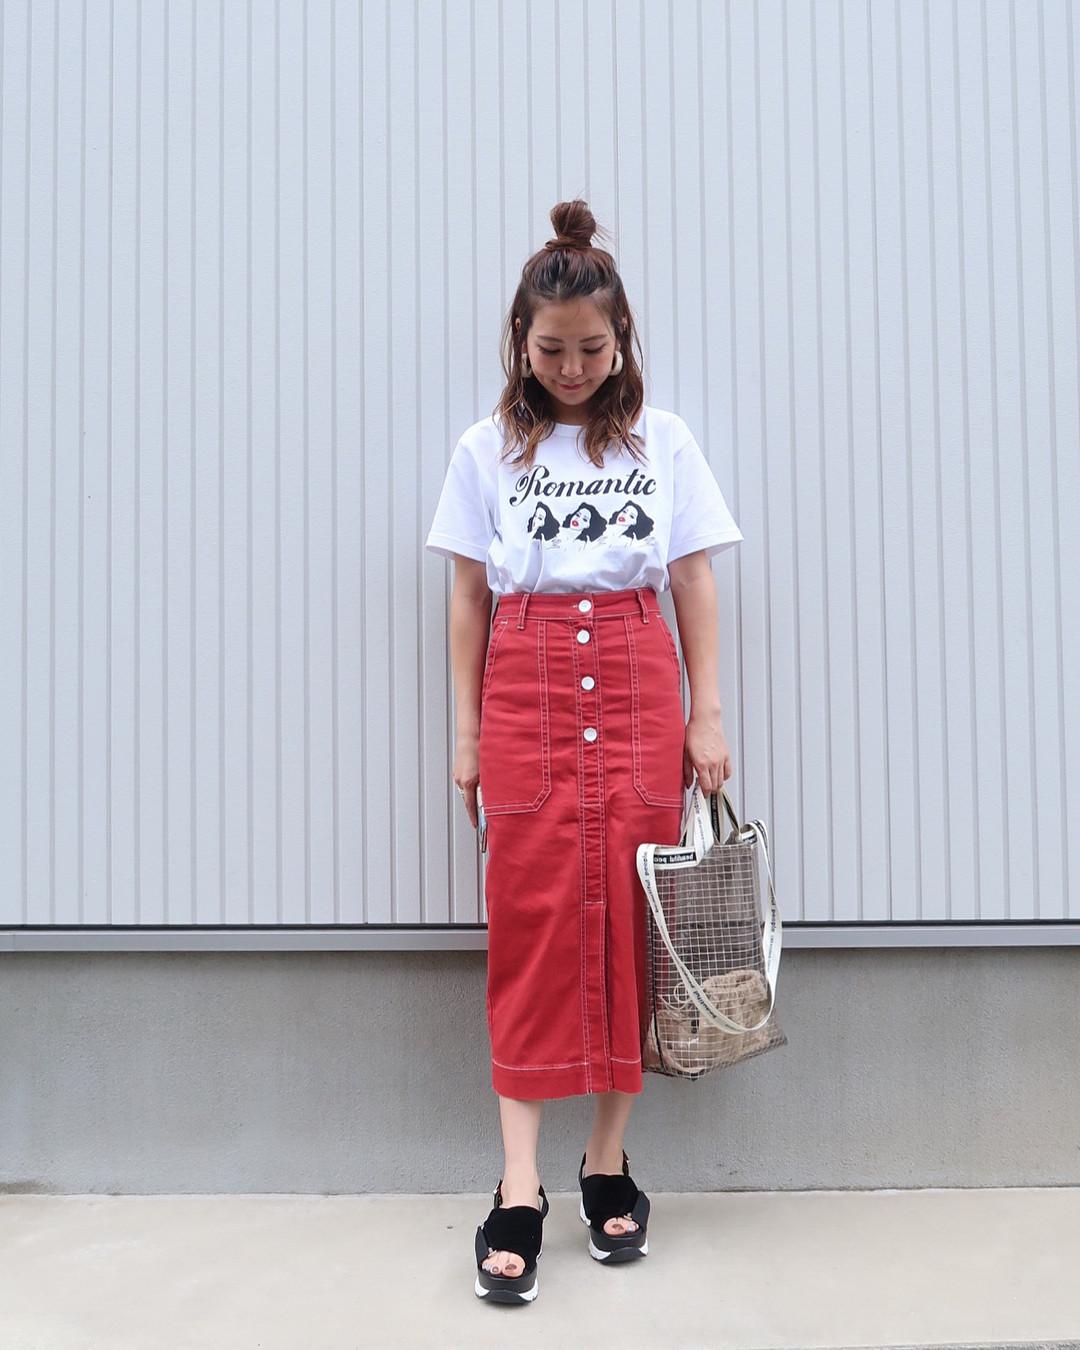 赤のクロップド丈スカートでおしゃれに雨対策 出典:natsu420